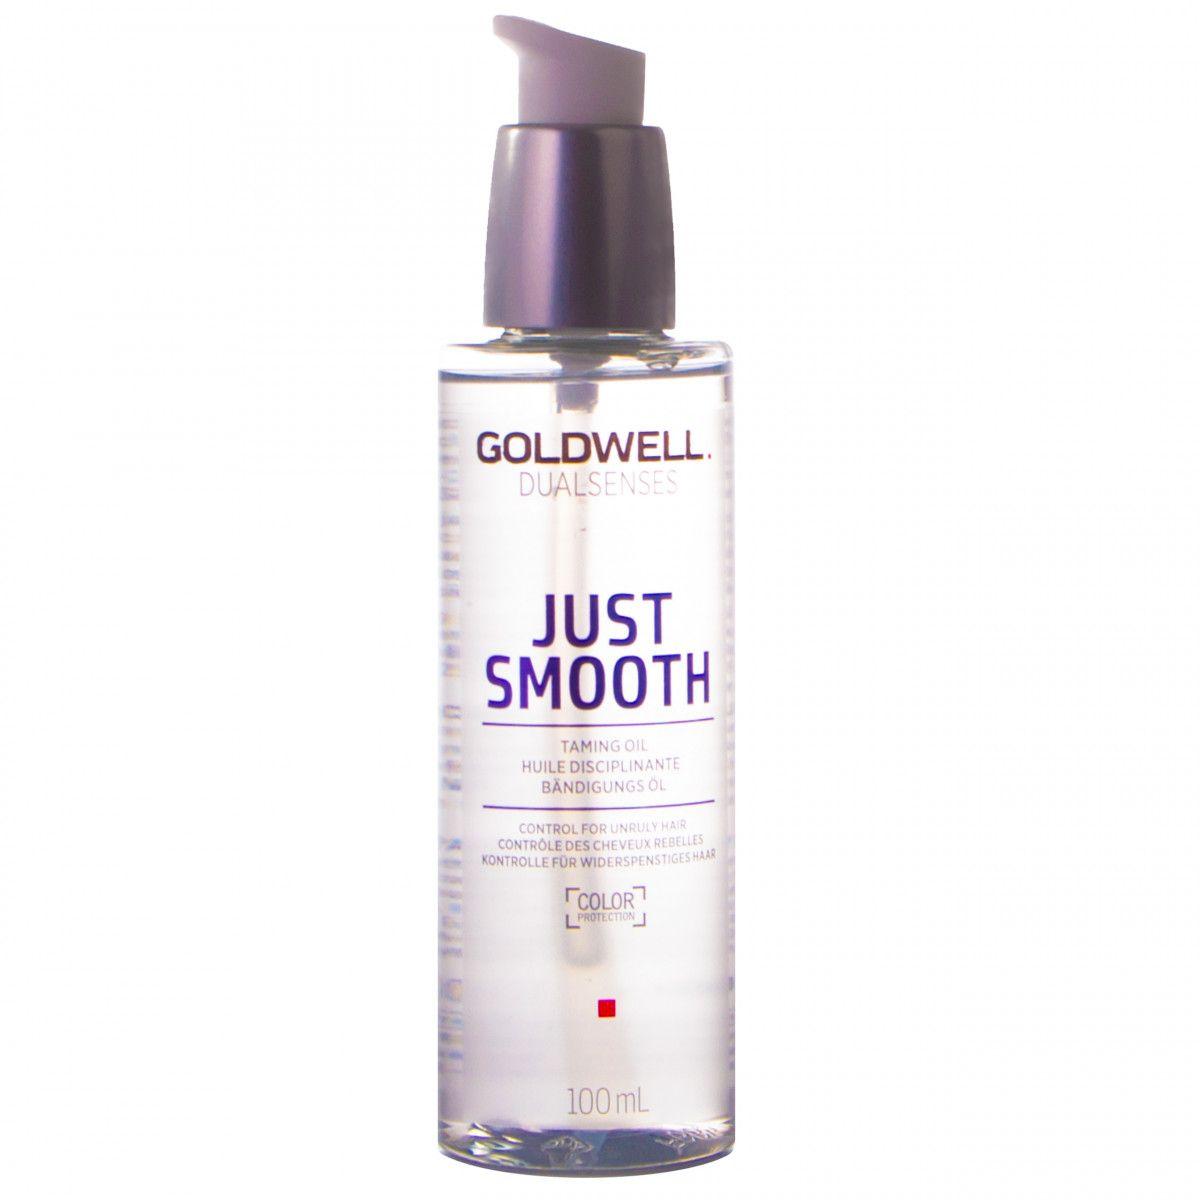 Goldwell Just Smooth, olejek wygładzająco-nawilżający do włosów cienkich 100ml